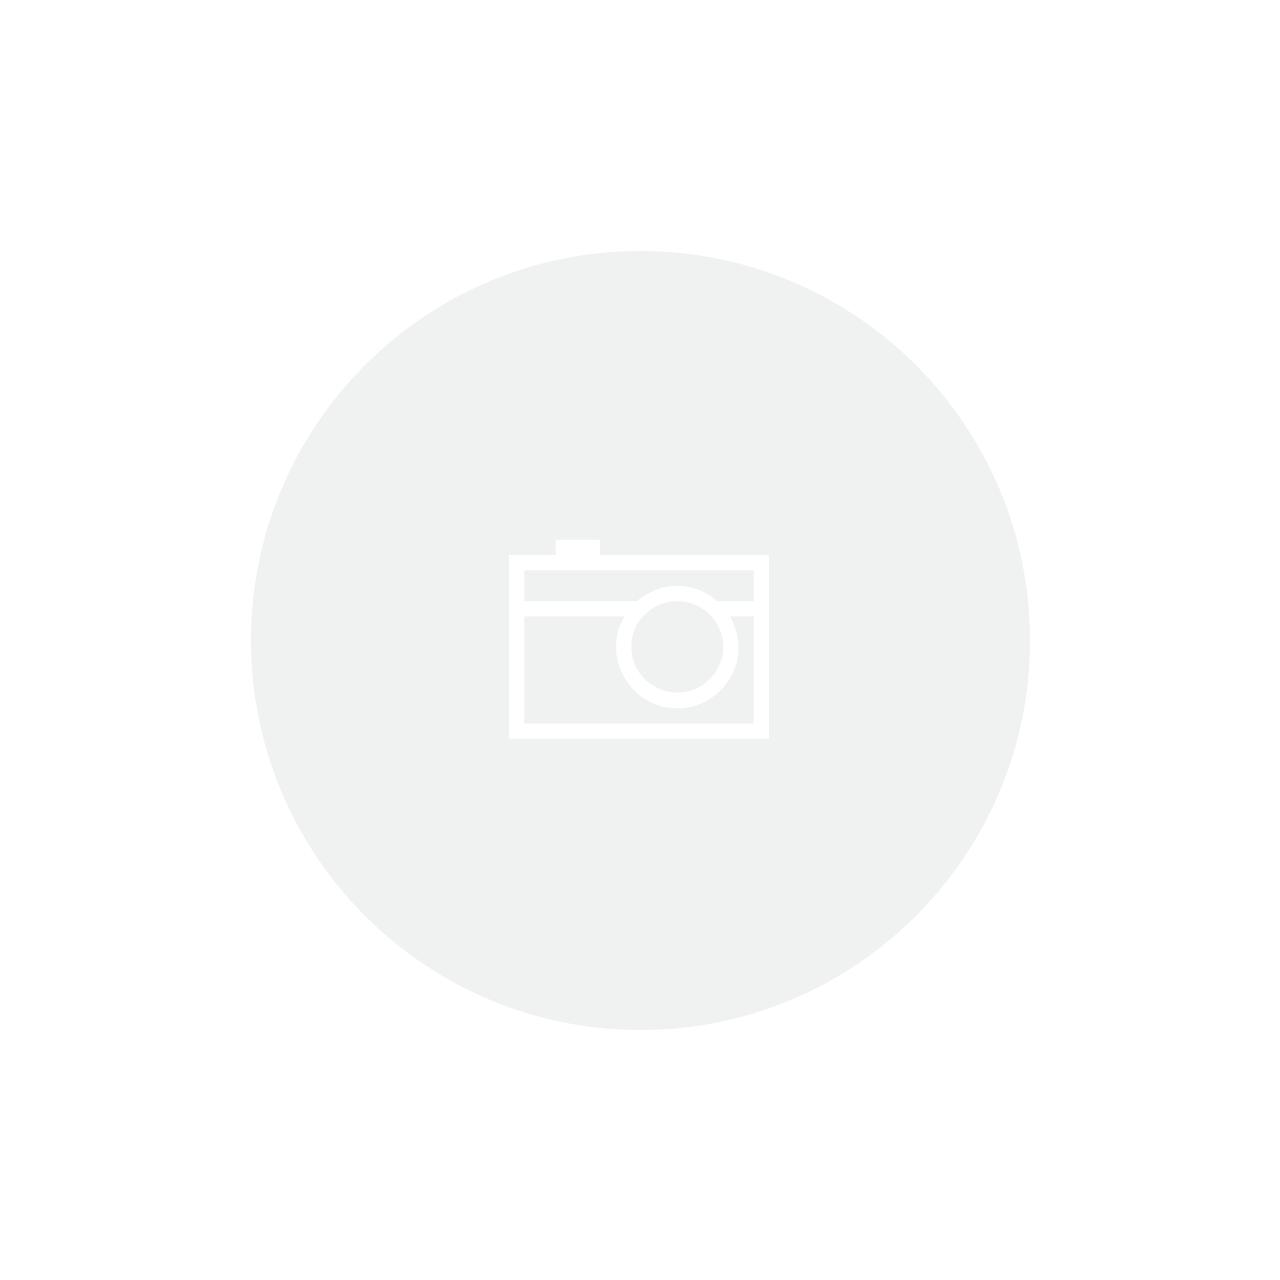 PC Gamer InfoParts Astride - Intel CORE I3-8100, Rx 550 2GB, 1TB, 8GB, Fonte 400w, Gabinete